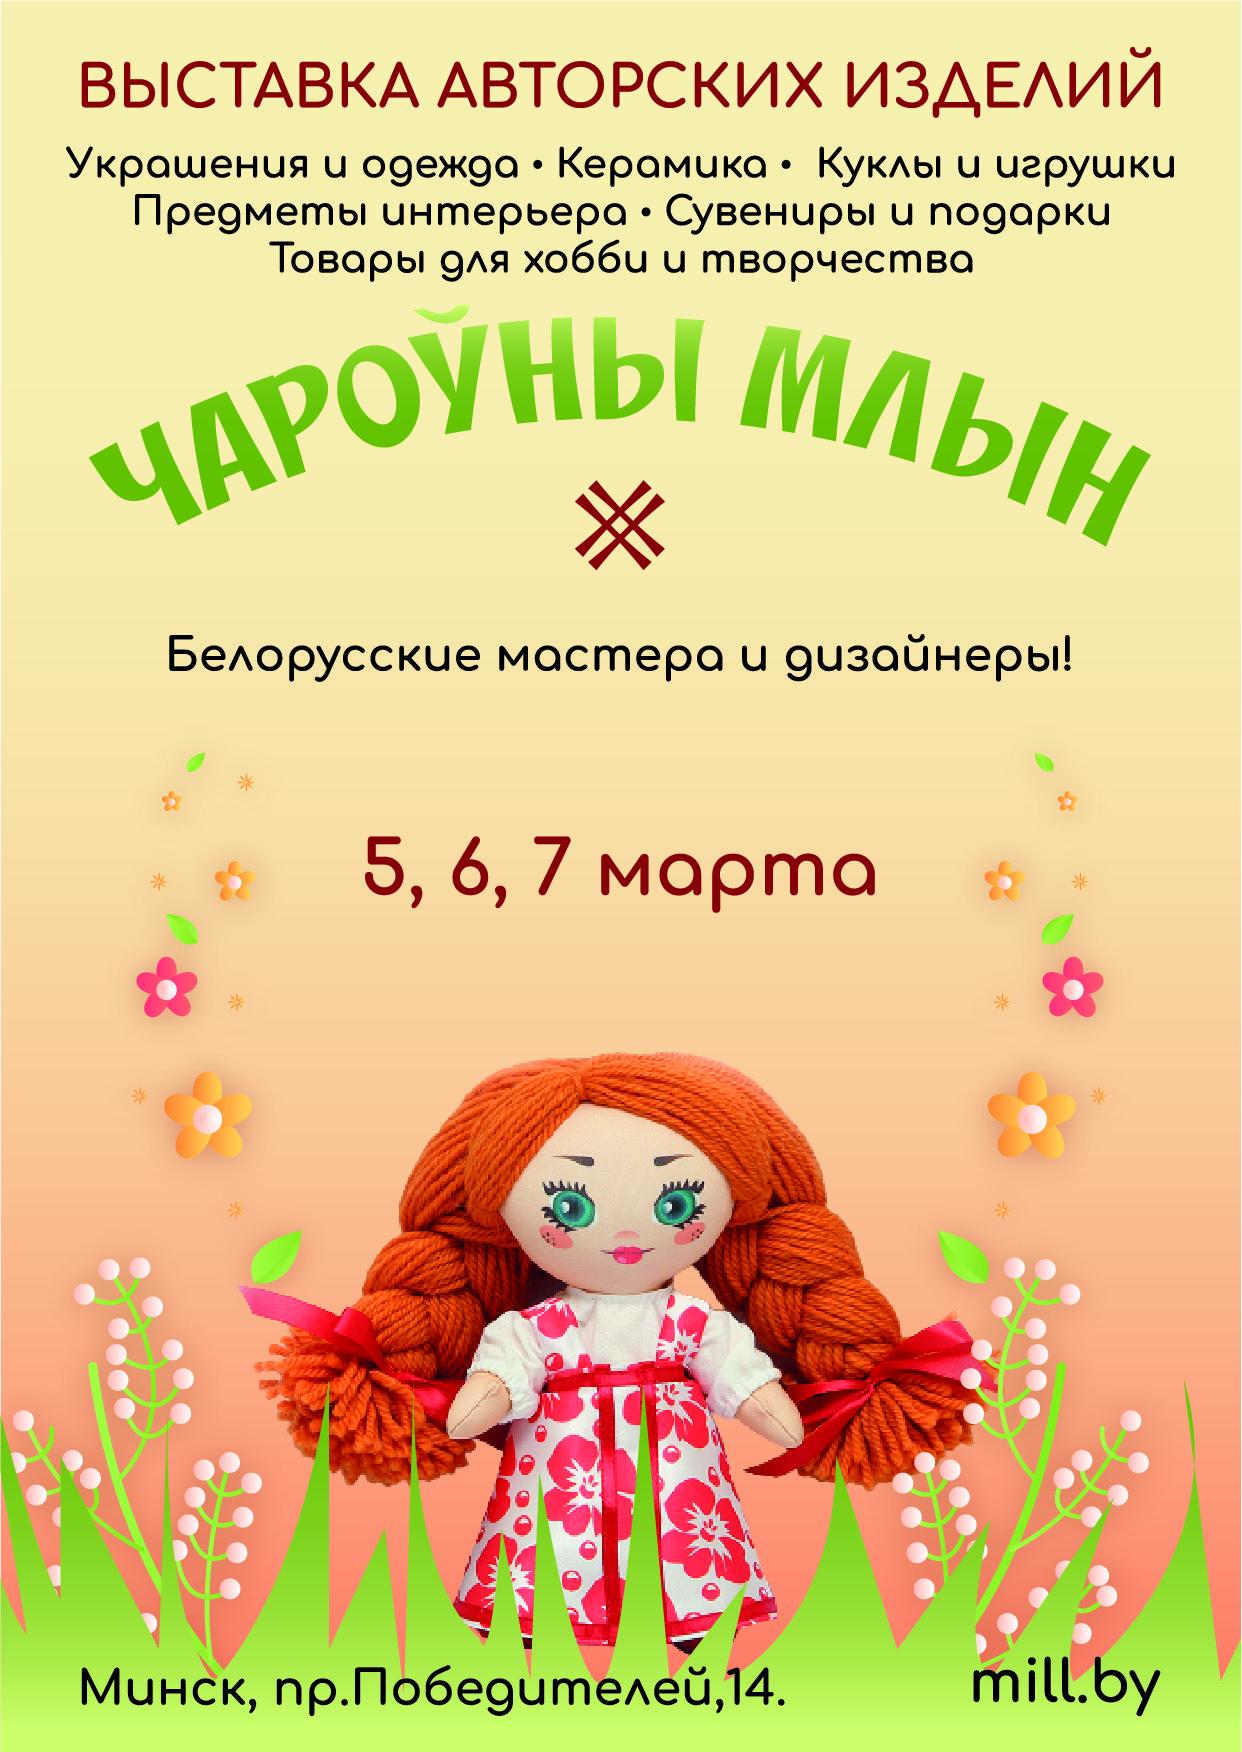 Дизайн-макет афиши выставки ручной работы фото f_2826005d3fd02f9d.jpg